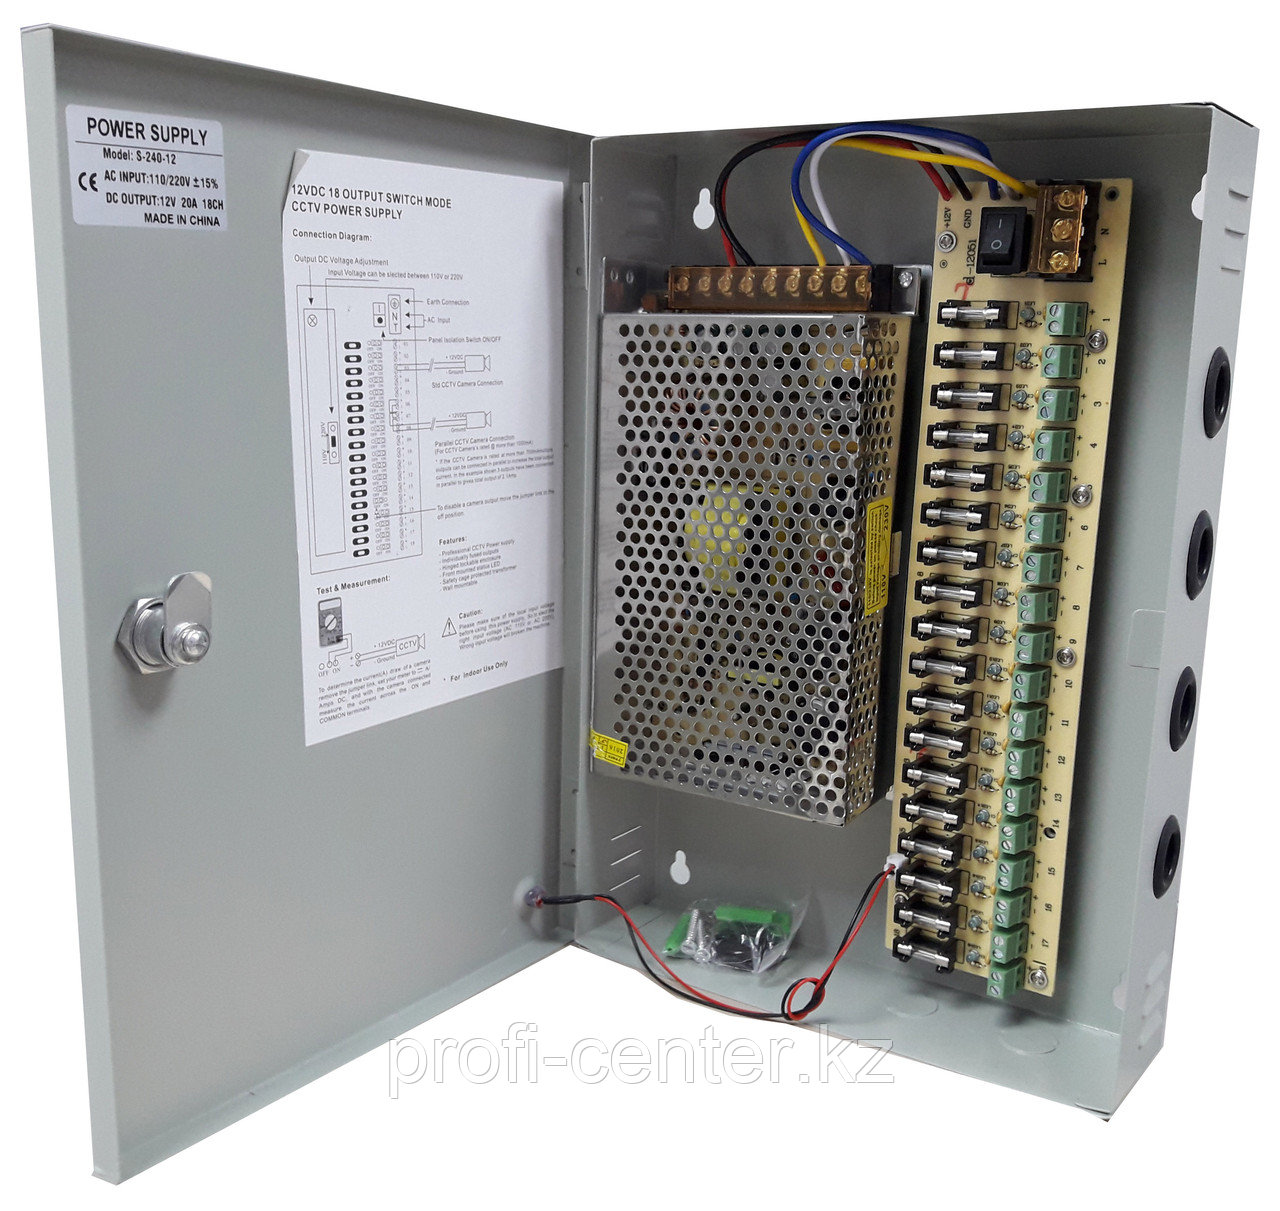 Блок питания стабилизированный БПУ 12V20A 12V 20A выход 18 контактов